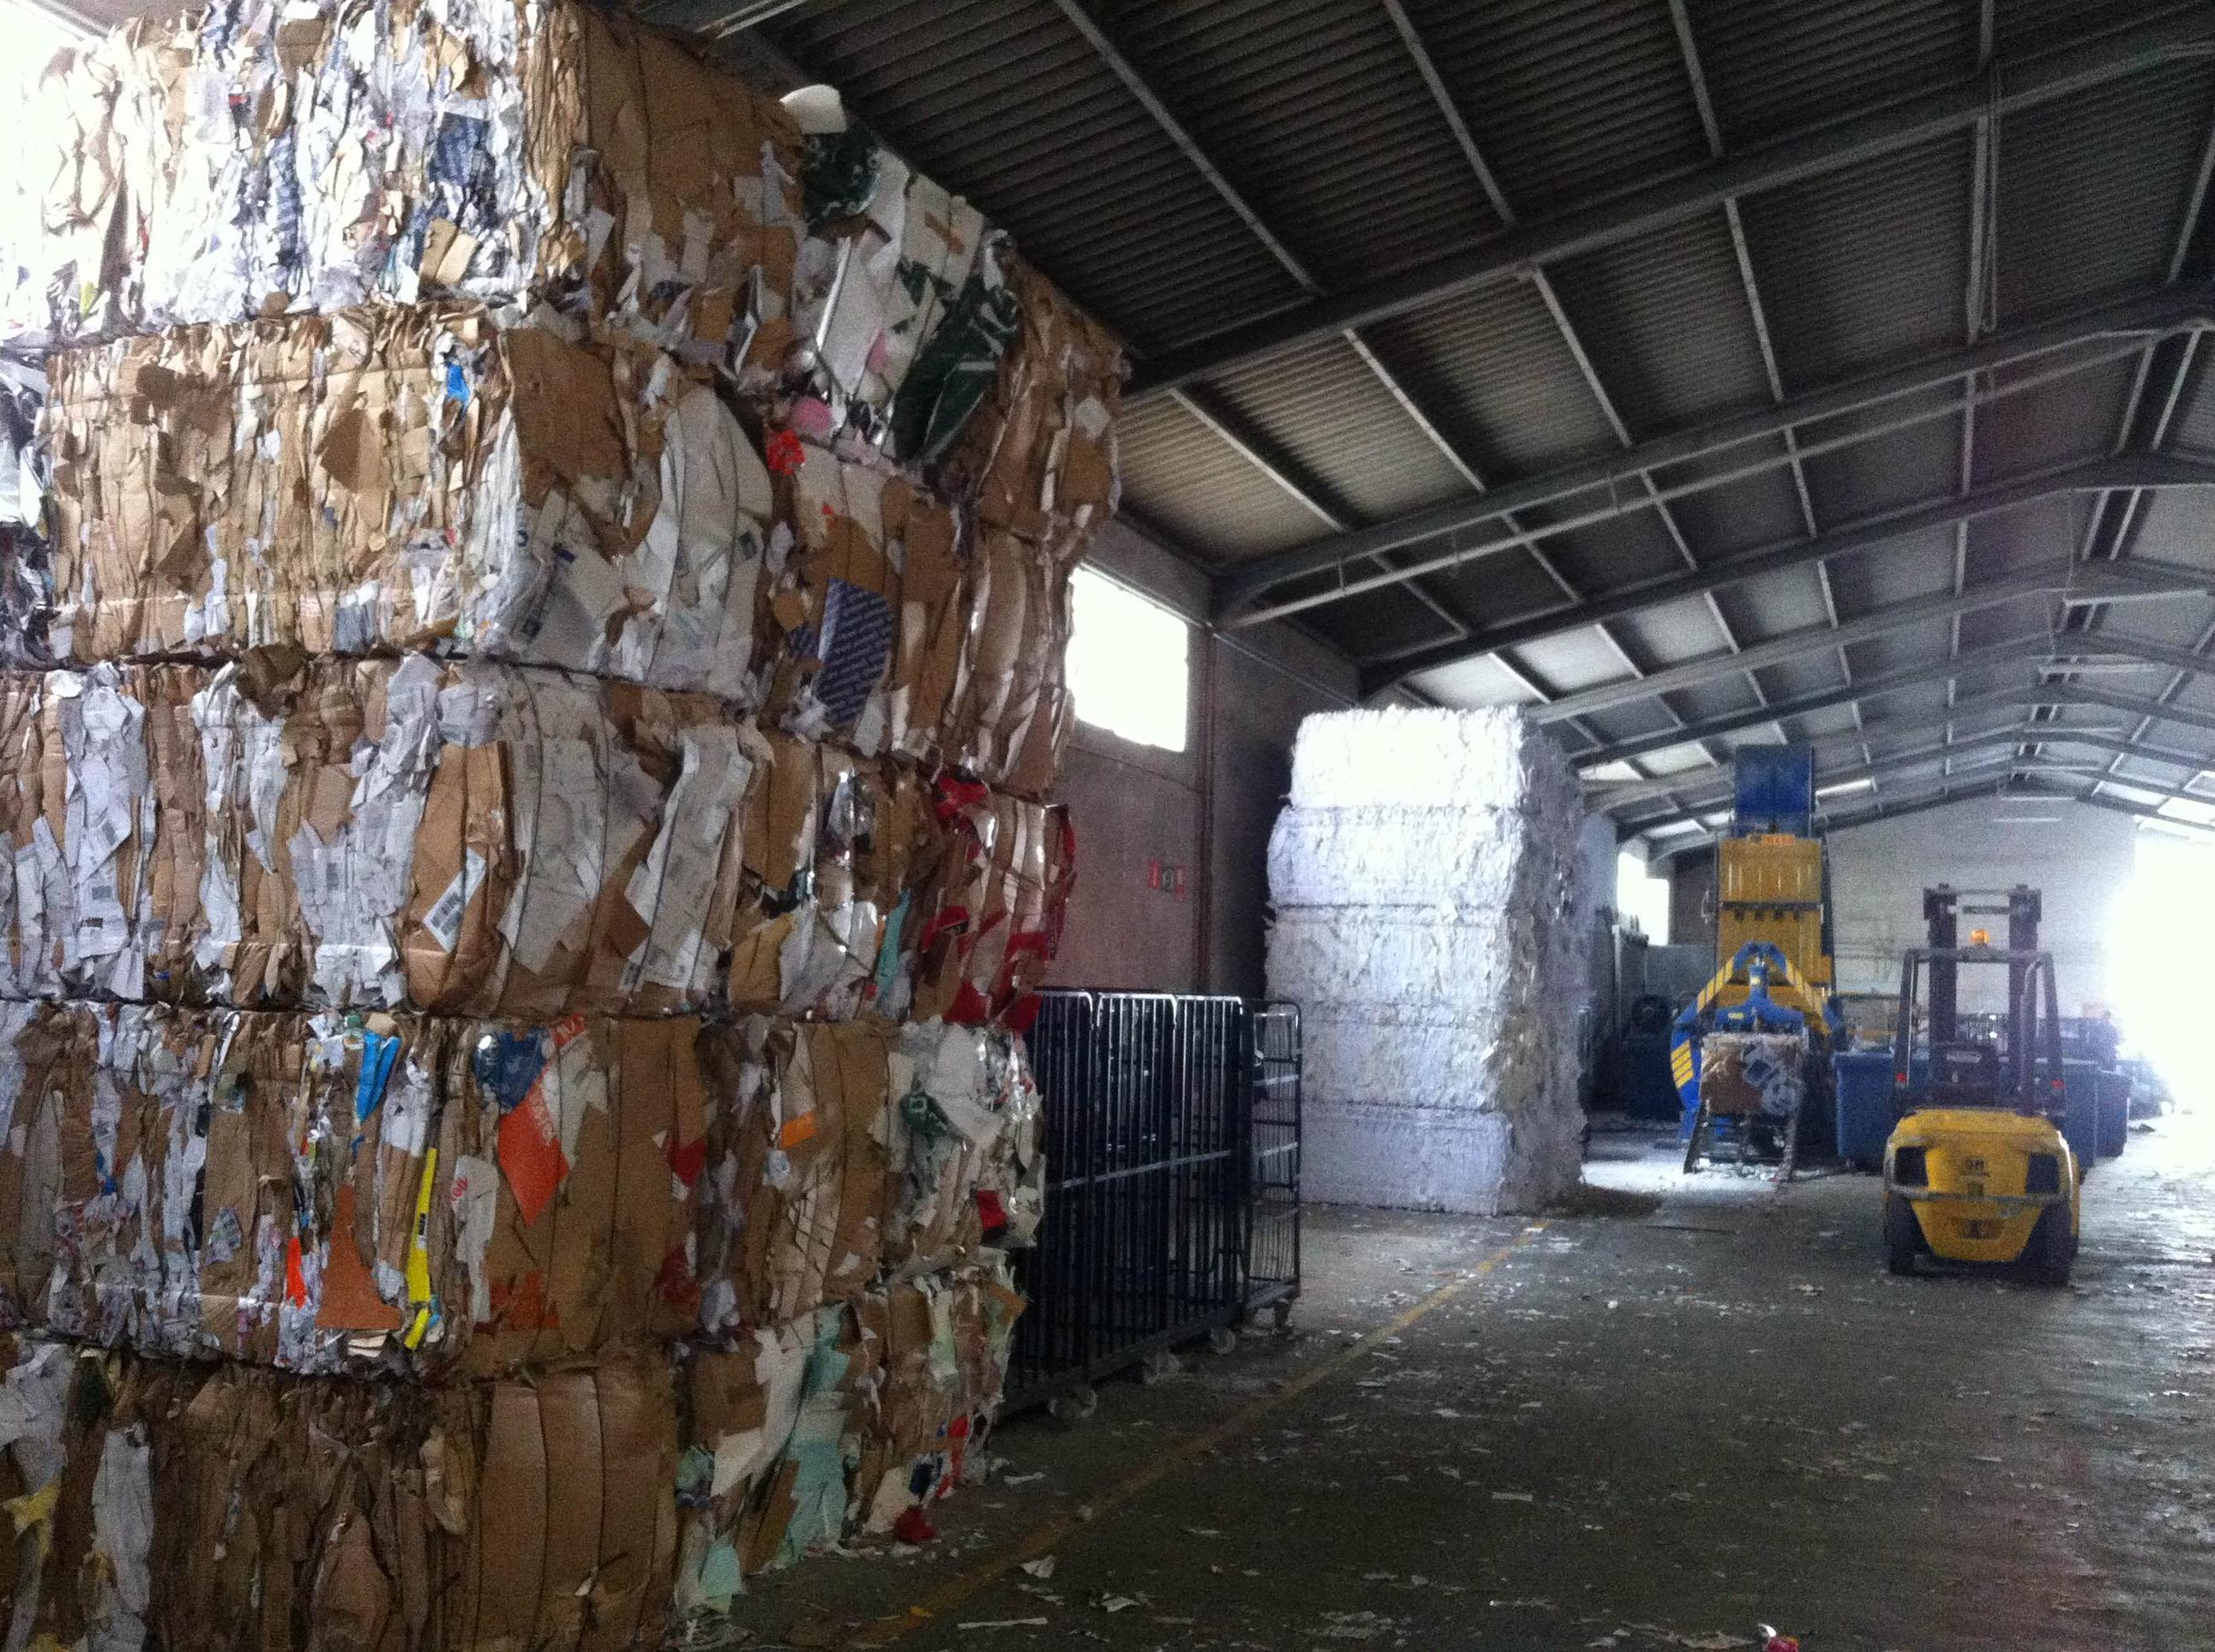 Recuperación de papel y cartón en Fuenlabrada (Madrid)